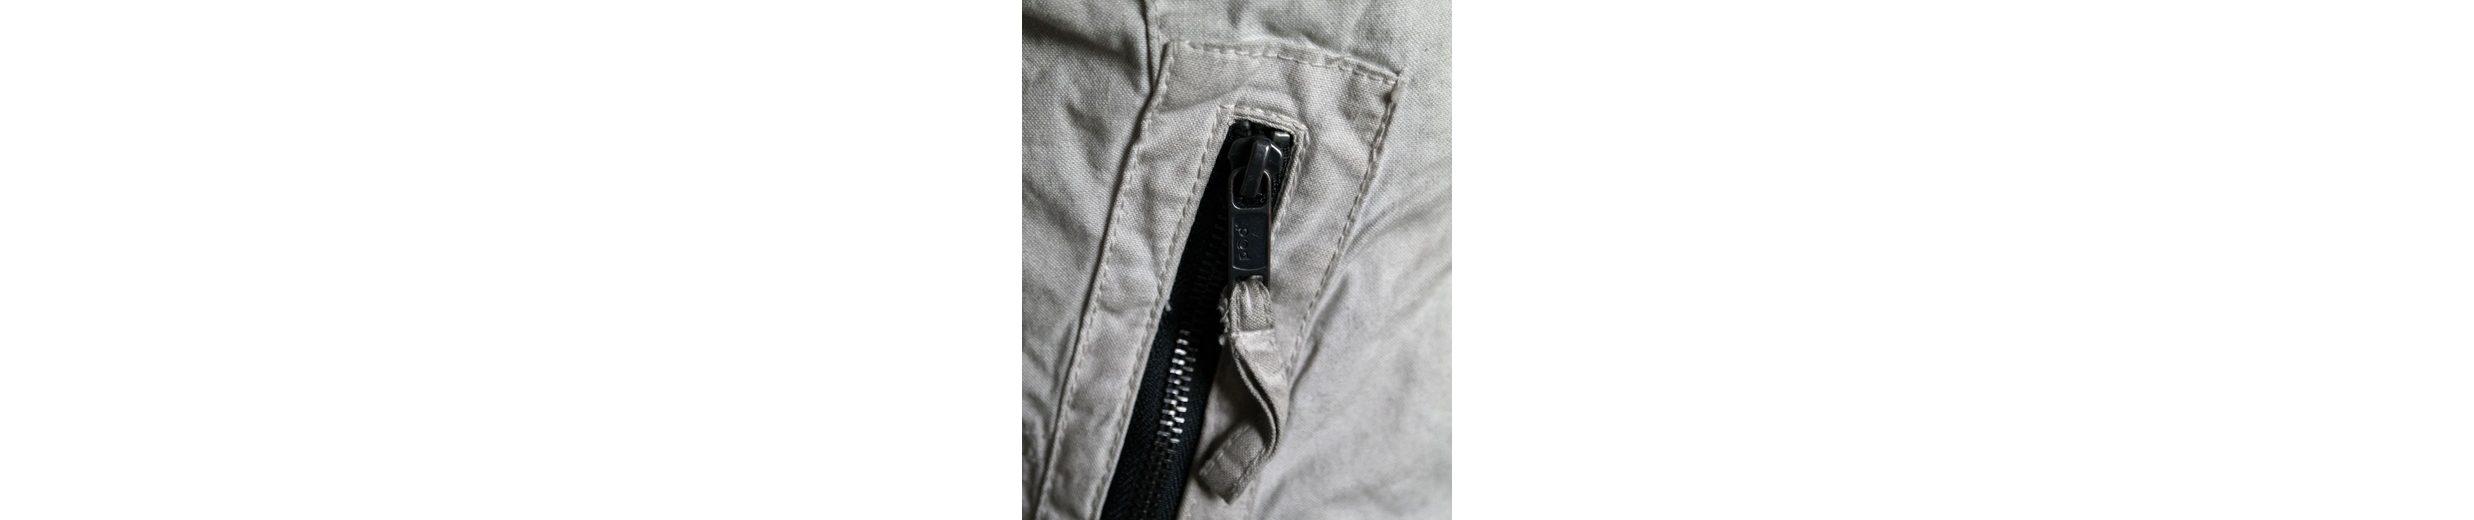 JCC Textiljacke mit kurzem Stehkragen Shebelli Exklusiv Günstig Online Günstig Kaufen Modisch 5N8HSnUSI2